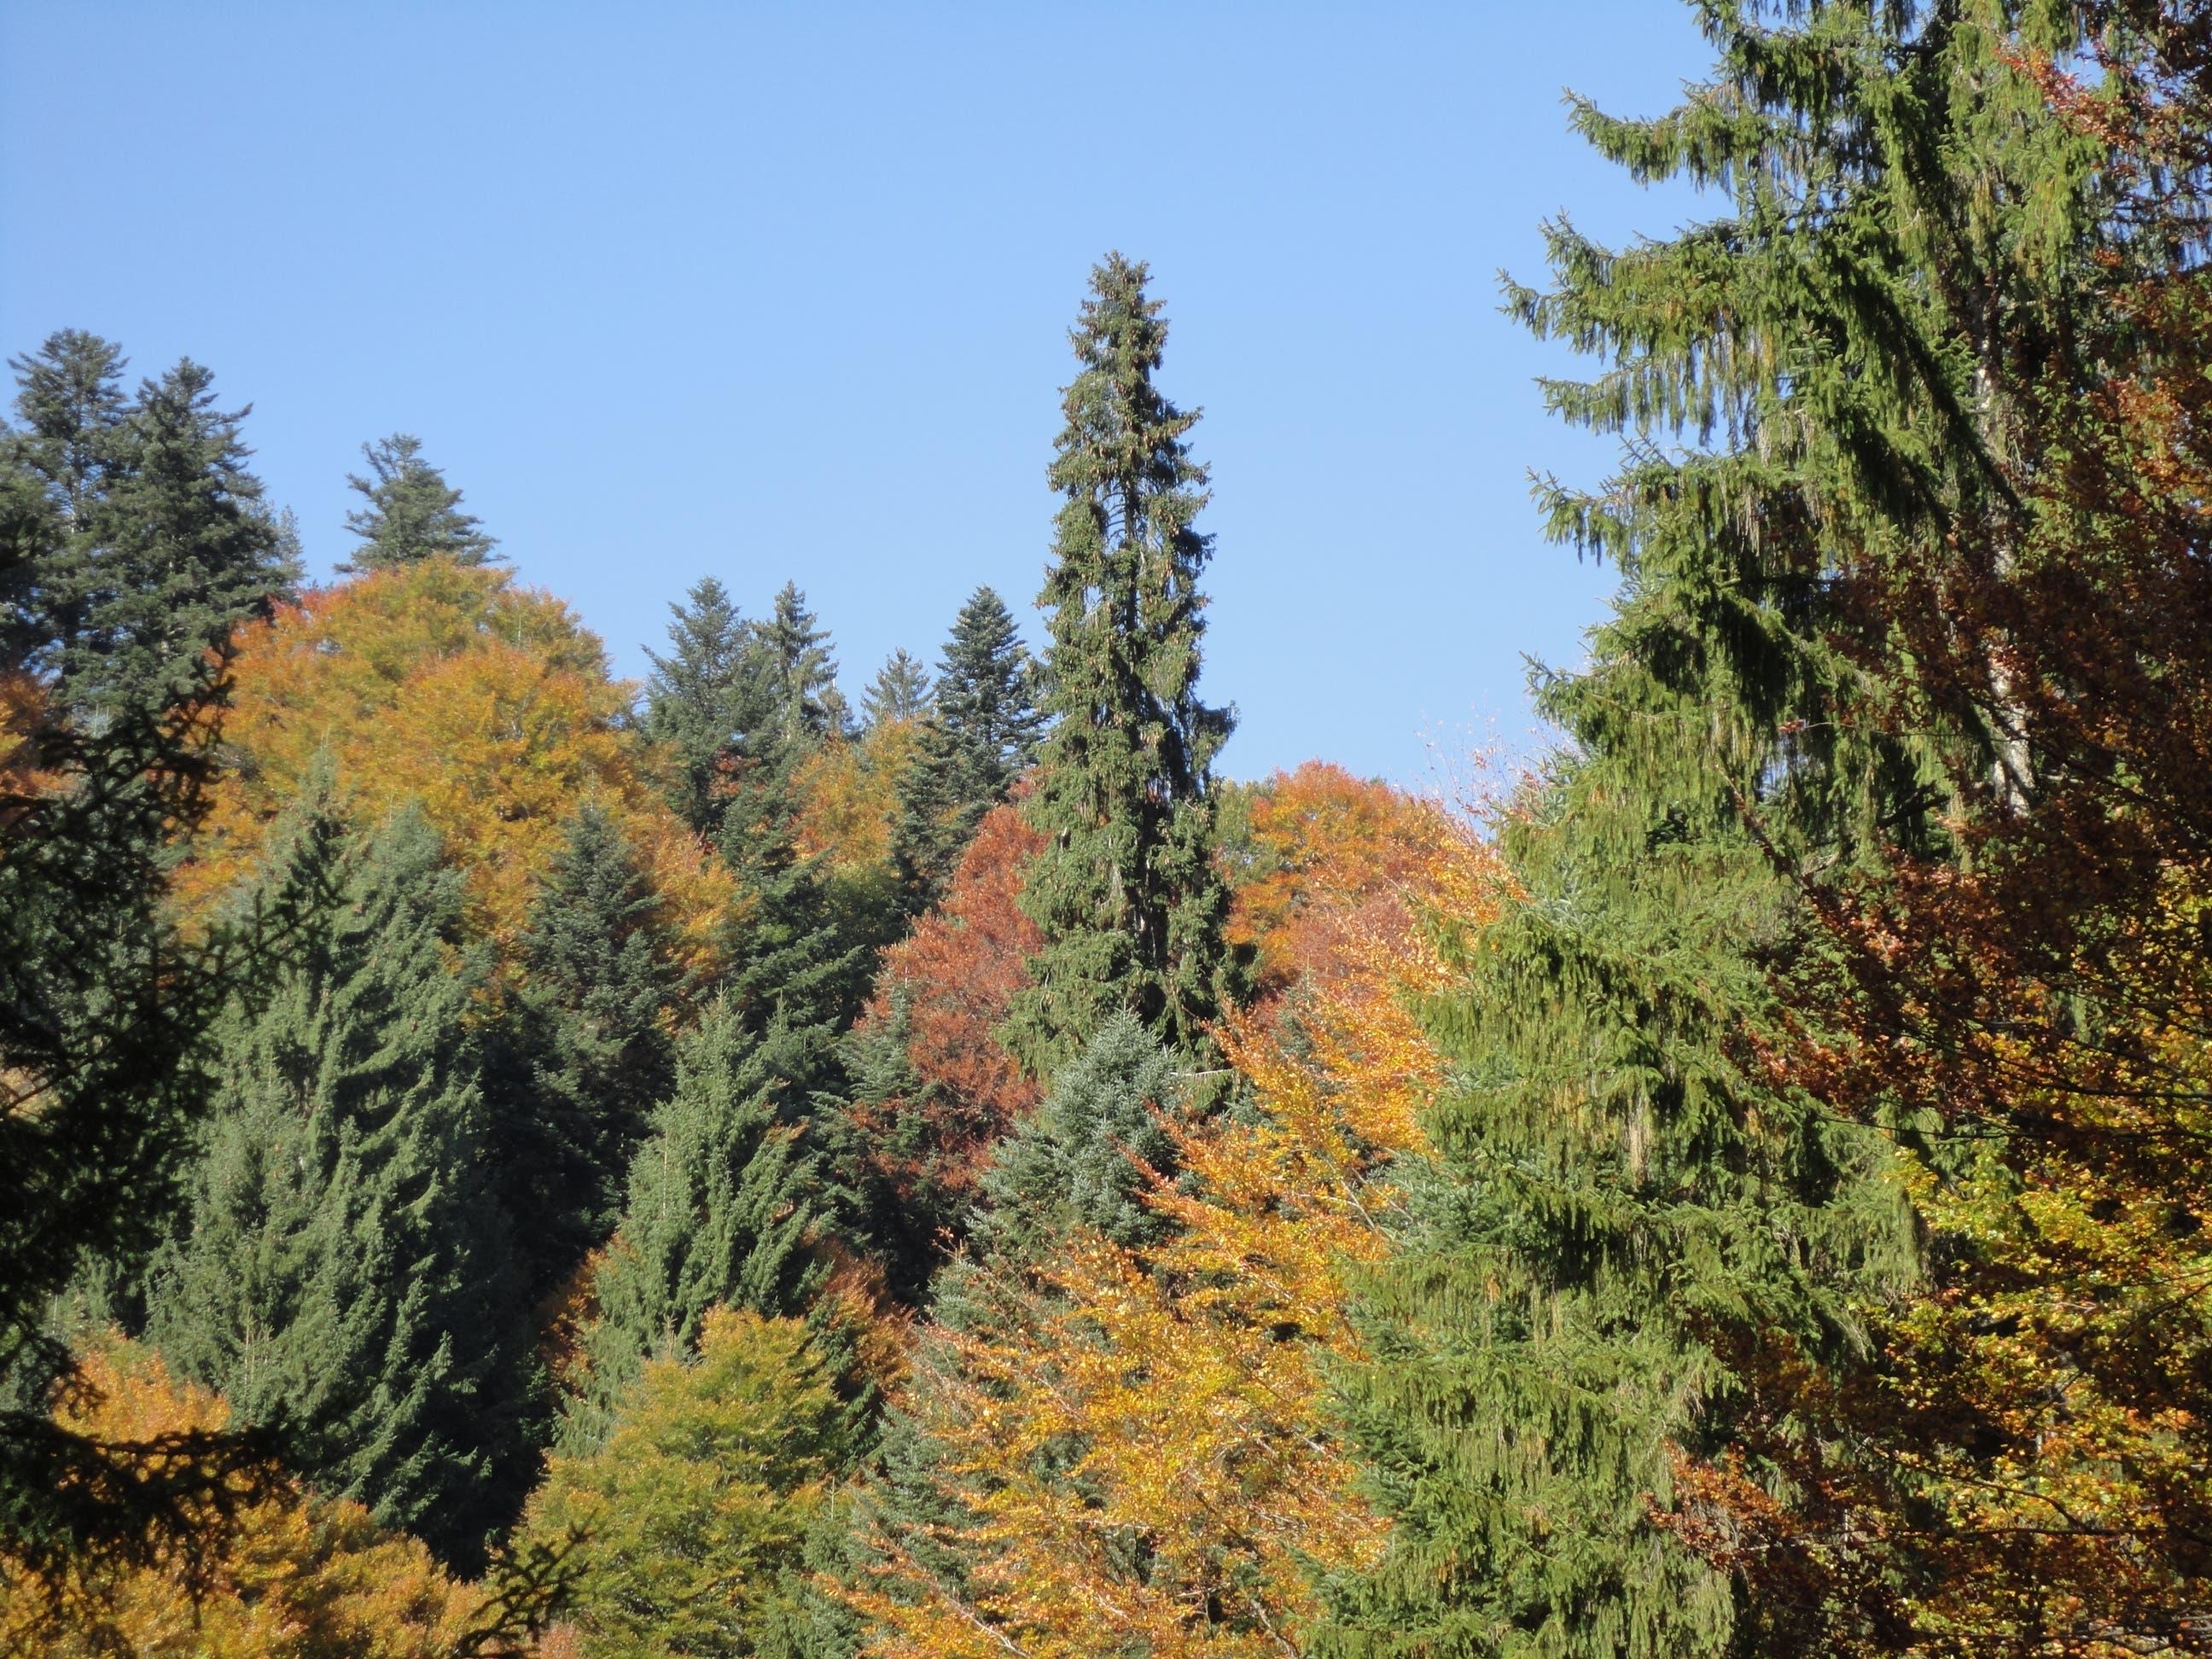 Der höchste Baum im Kanton Zug steht in Oberägeri. Die Fichte ist rund 53 Meter hoch. (Bild: PD/Amt für Wald und Wild)